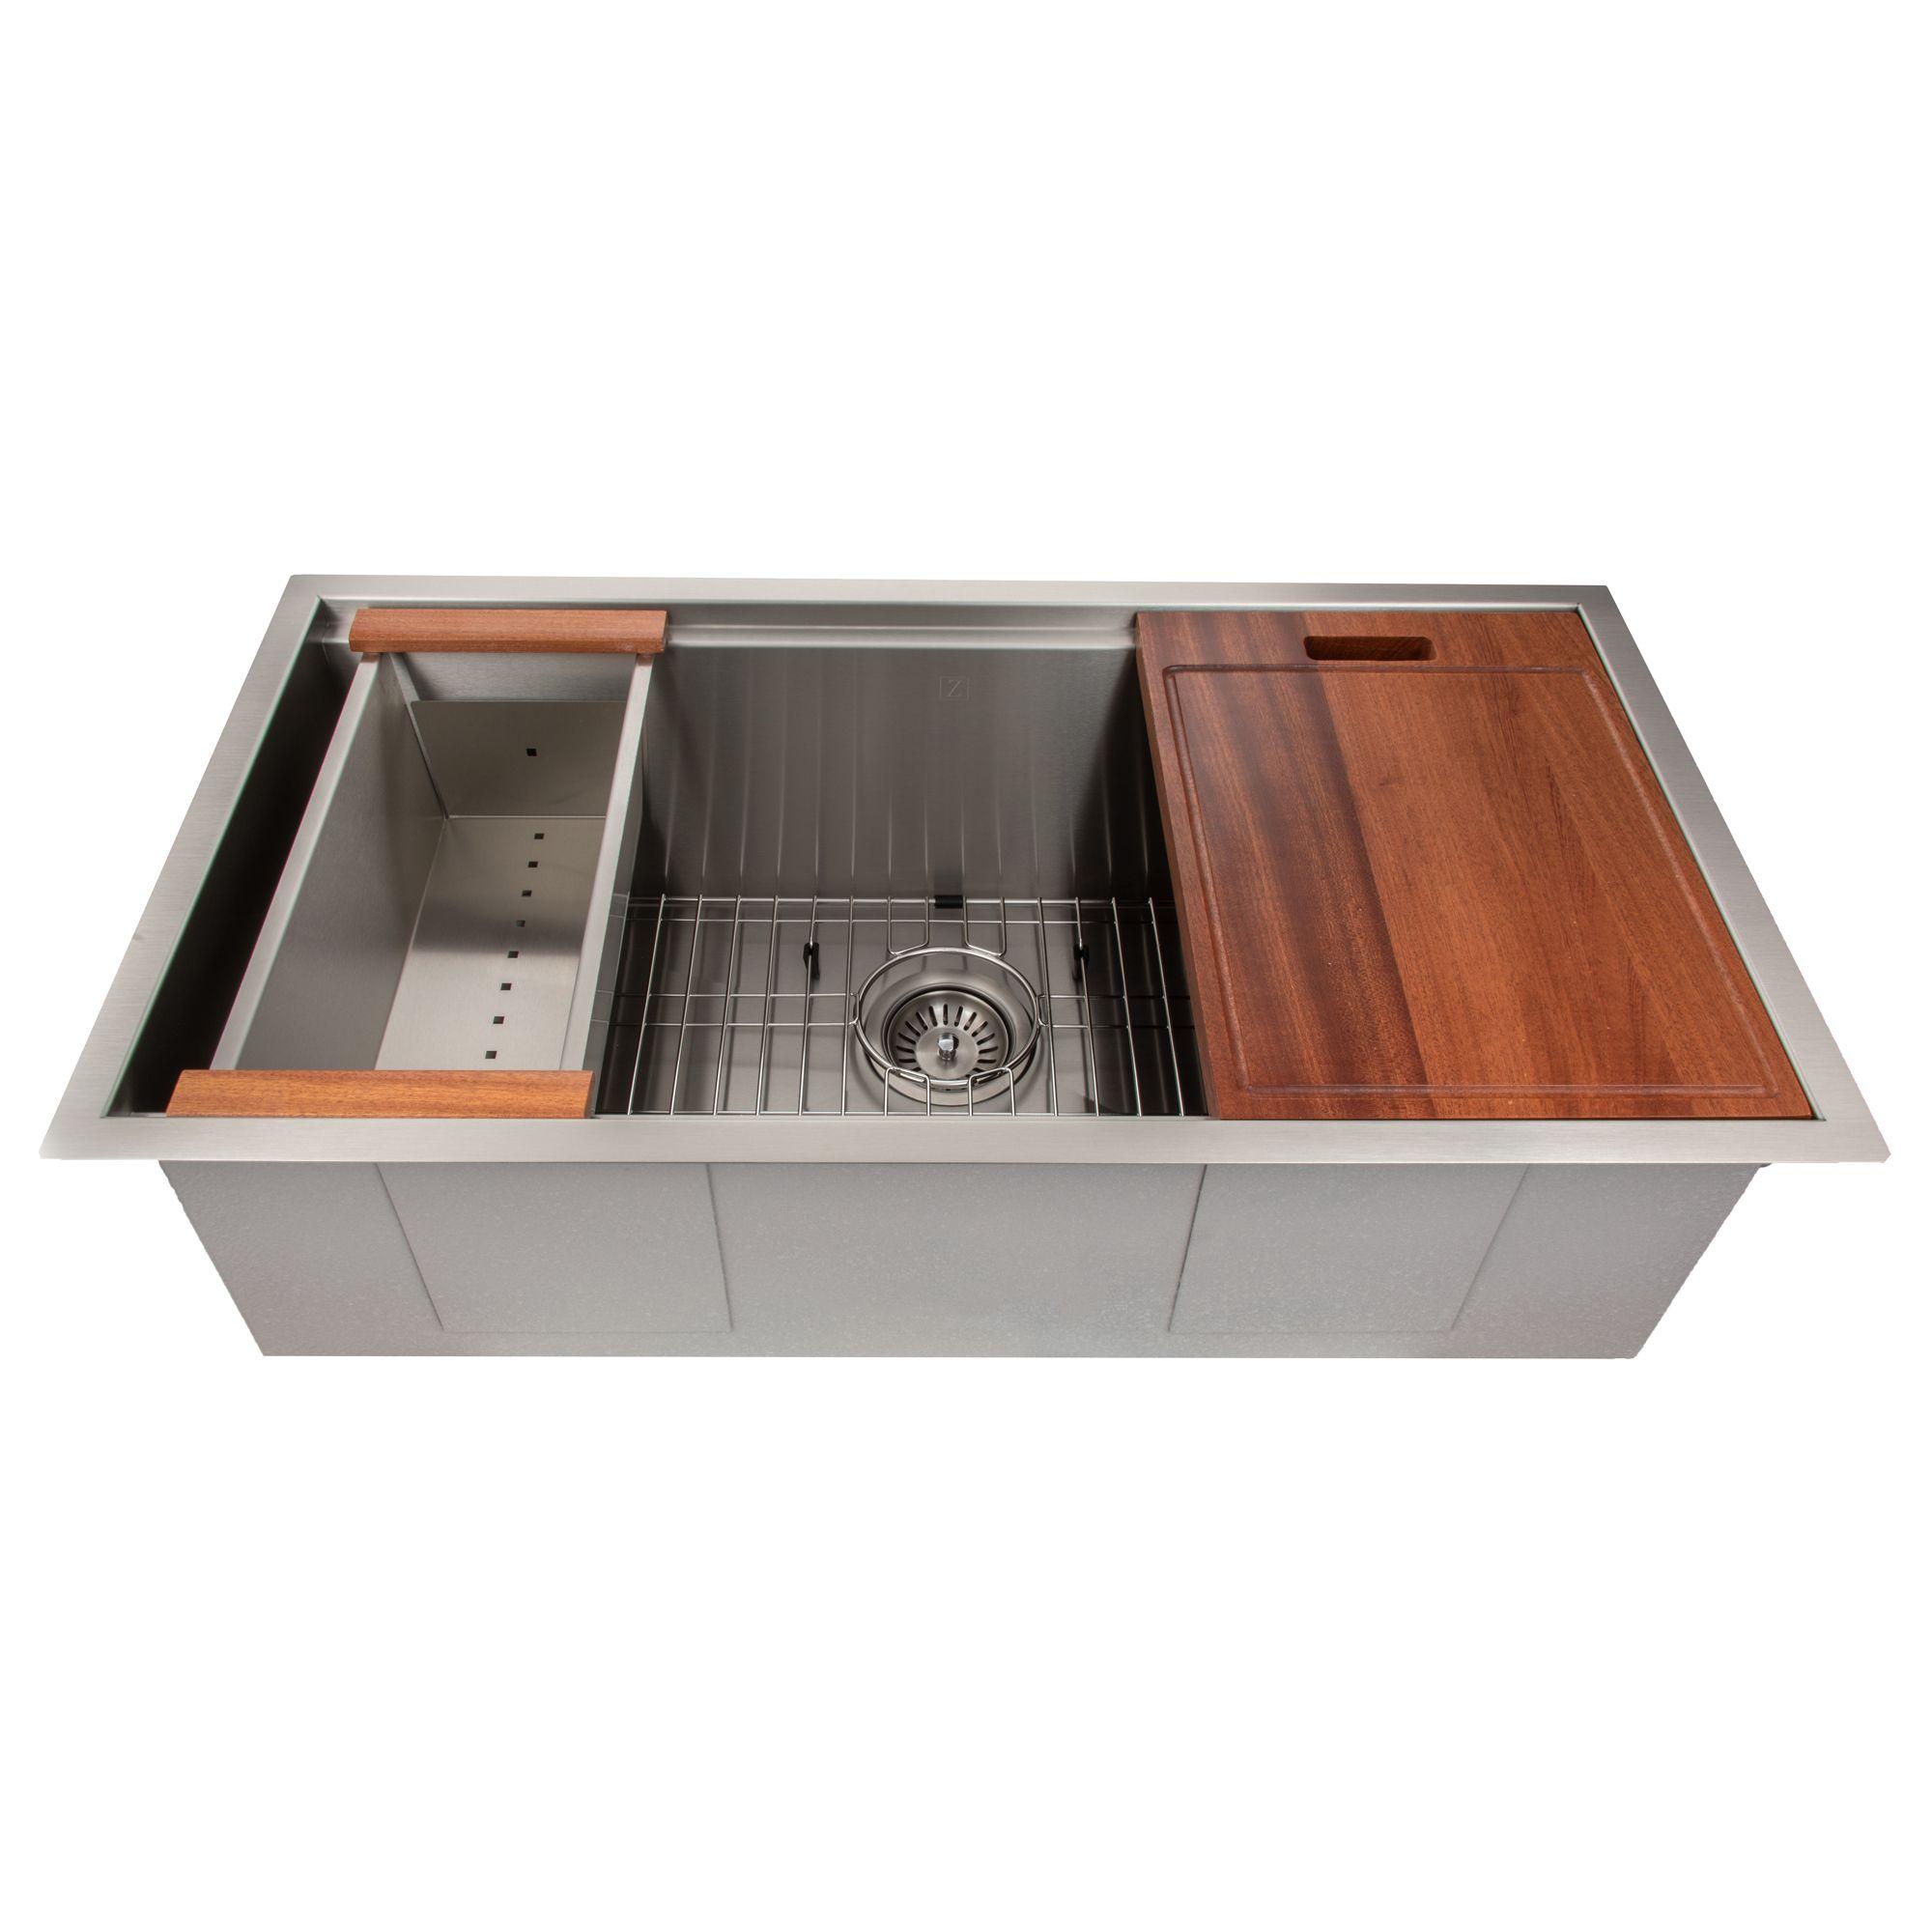 Zline Designer Series 33 Inch Undermount Single Bowl Ledge Sink In Stainless Undermount Kitchen Sinks Single Bowl Kitchen Sink Undermount Stainless Steel Sink